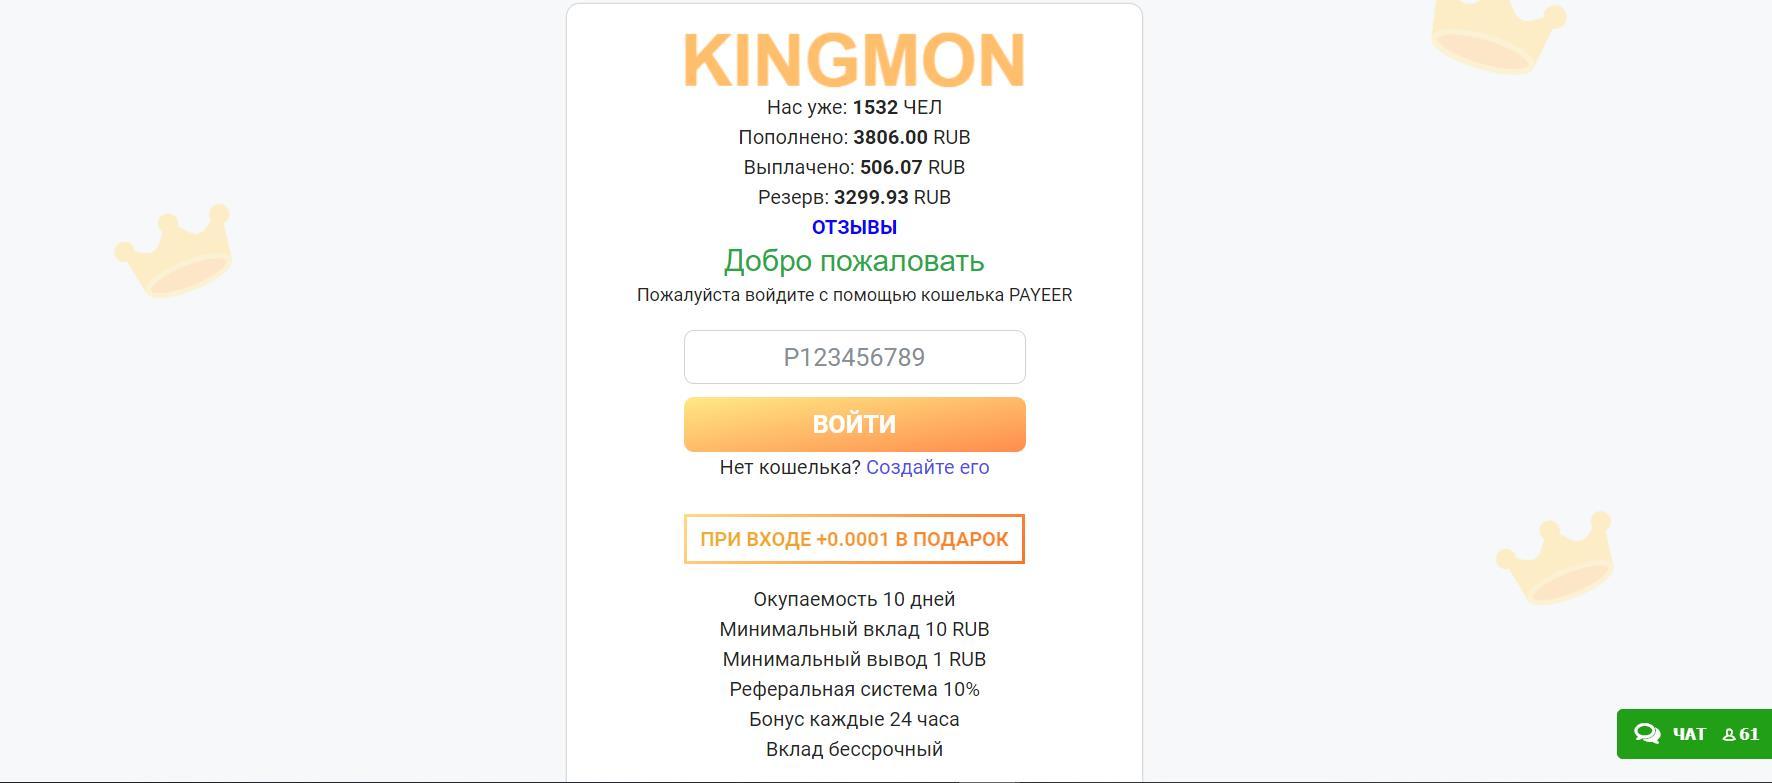 KINGMON